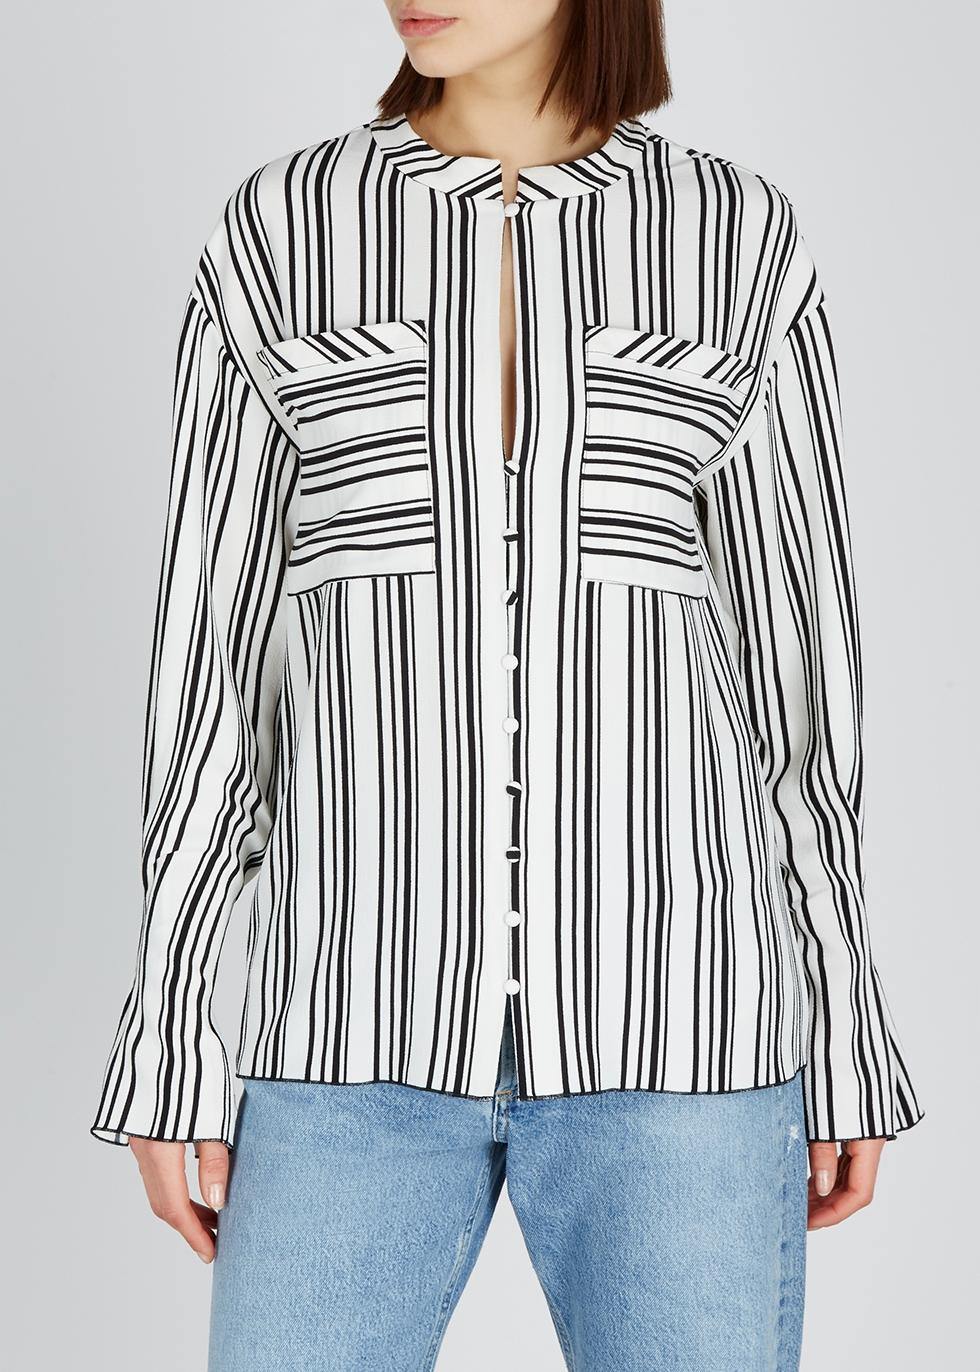 Celina striped stretch-crepe blouse - Hofmann